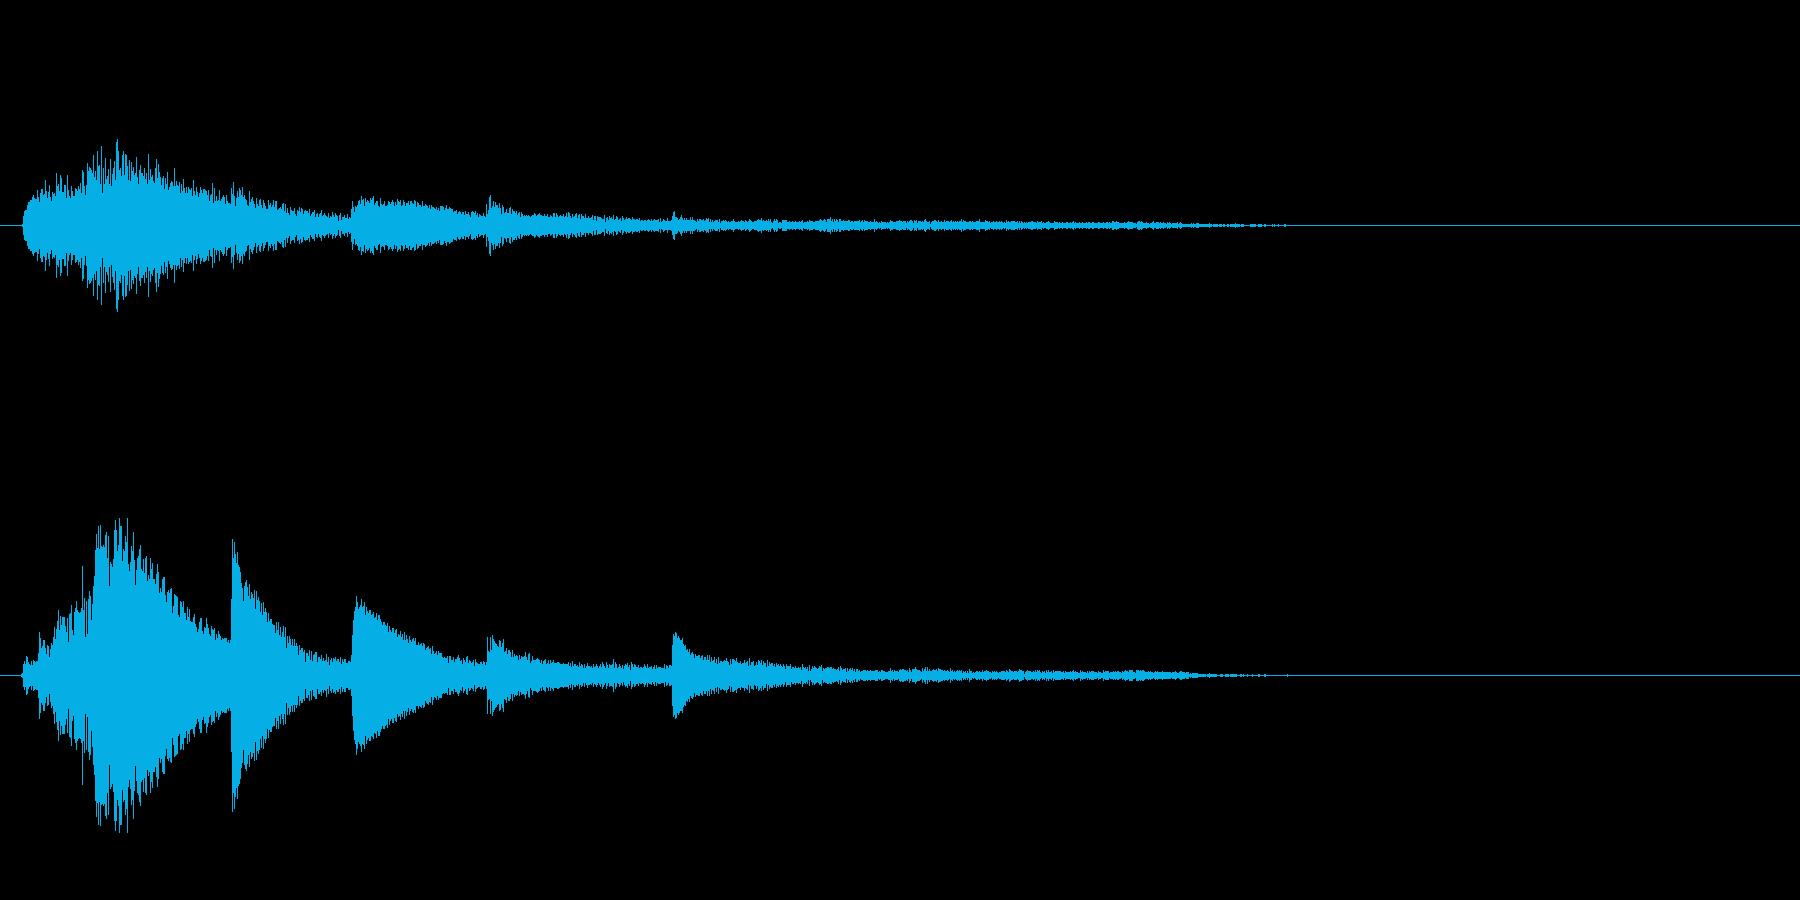 和風ピアノサウンドロゴ_ジングル5秒の再生済みの波形